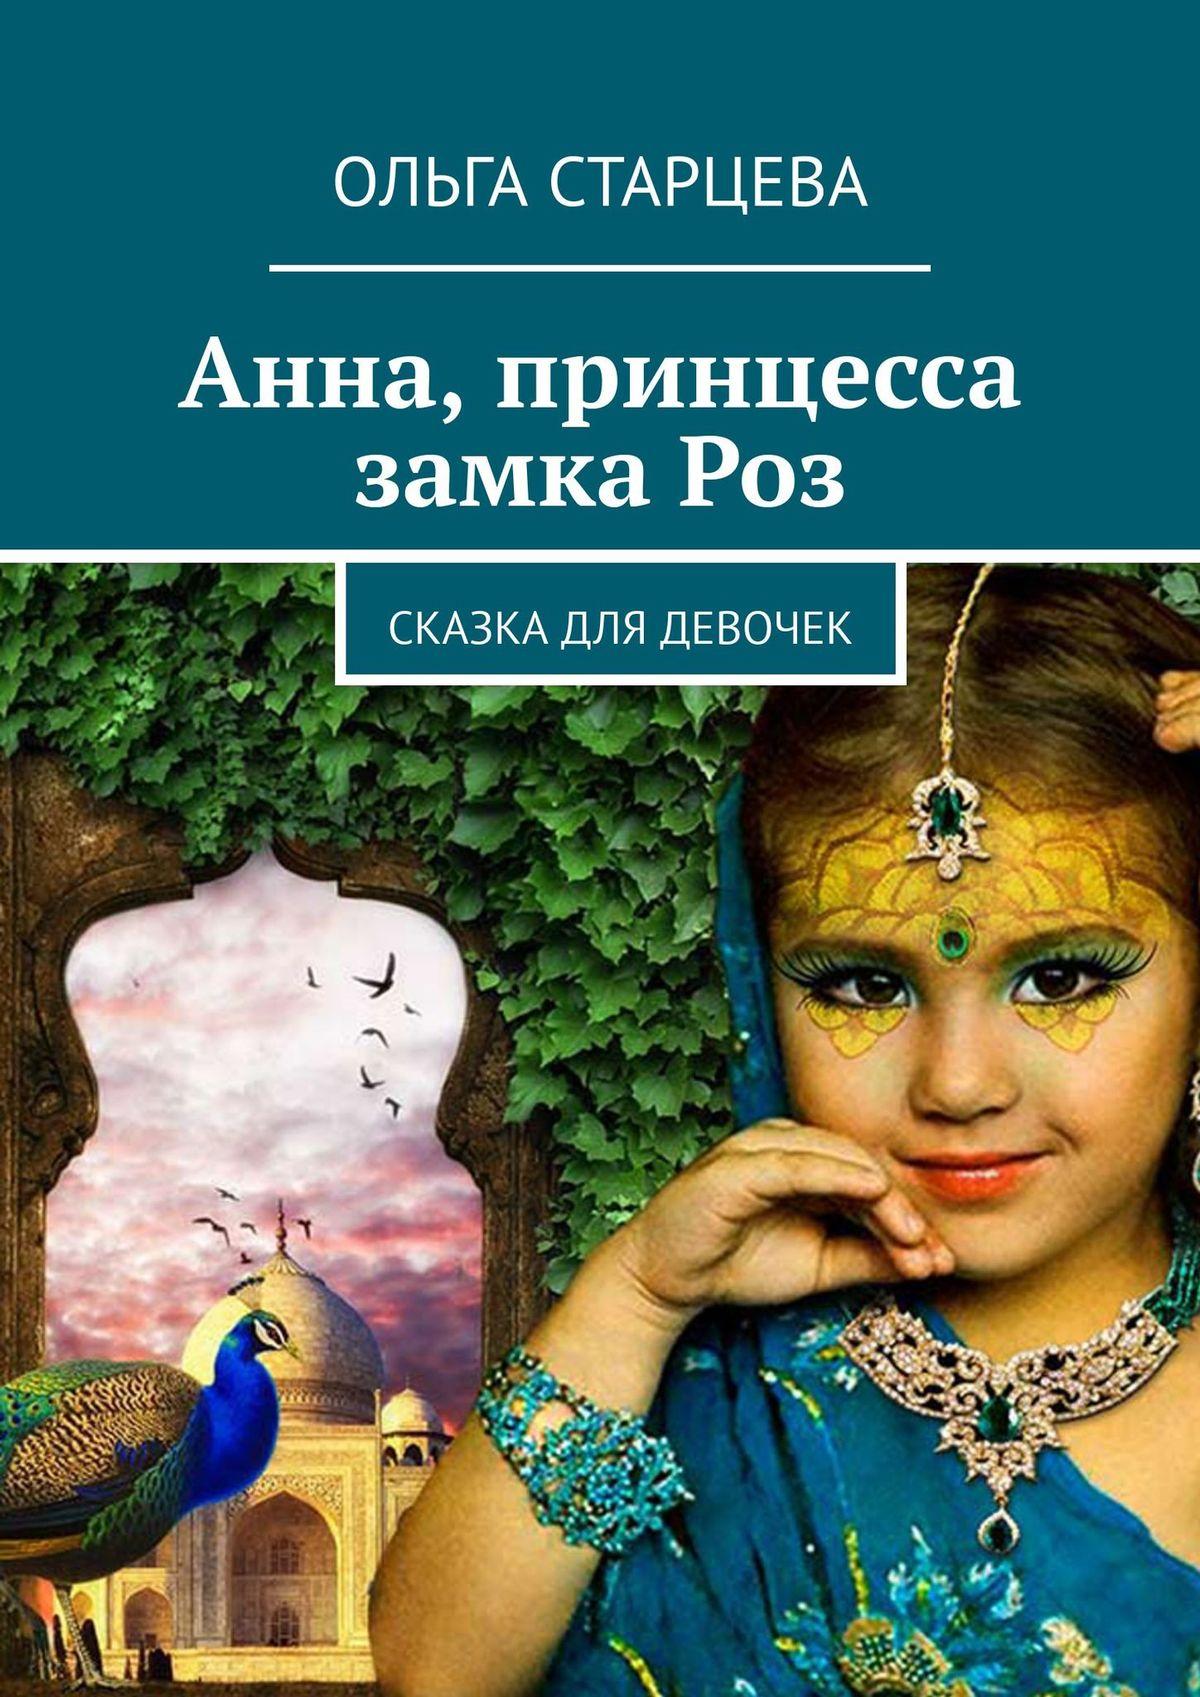 Анна, принцесса замкаРоз. Сказка для девочек